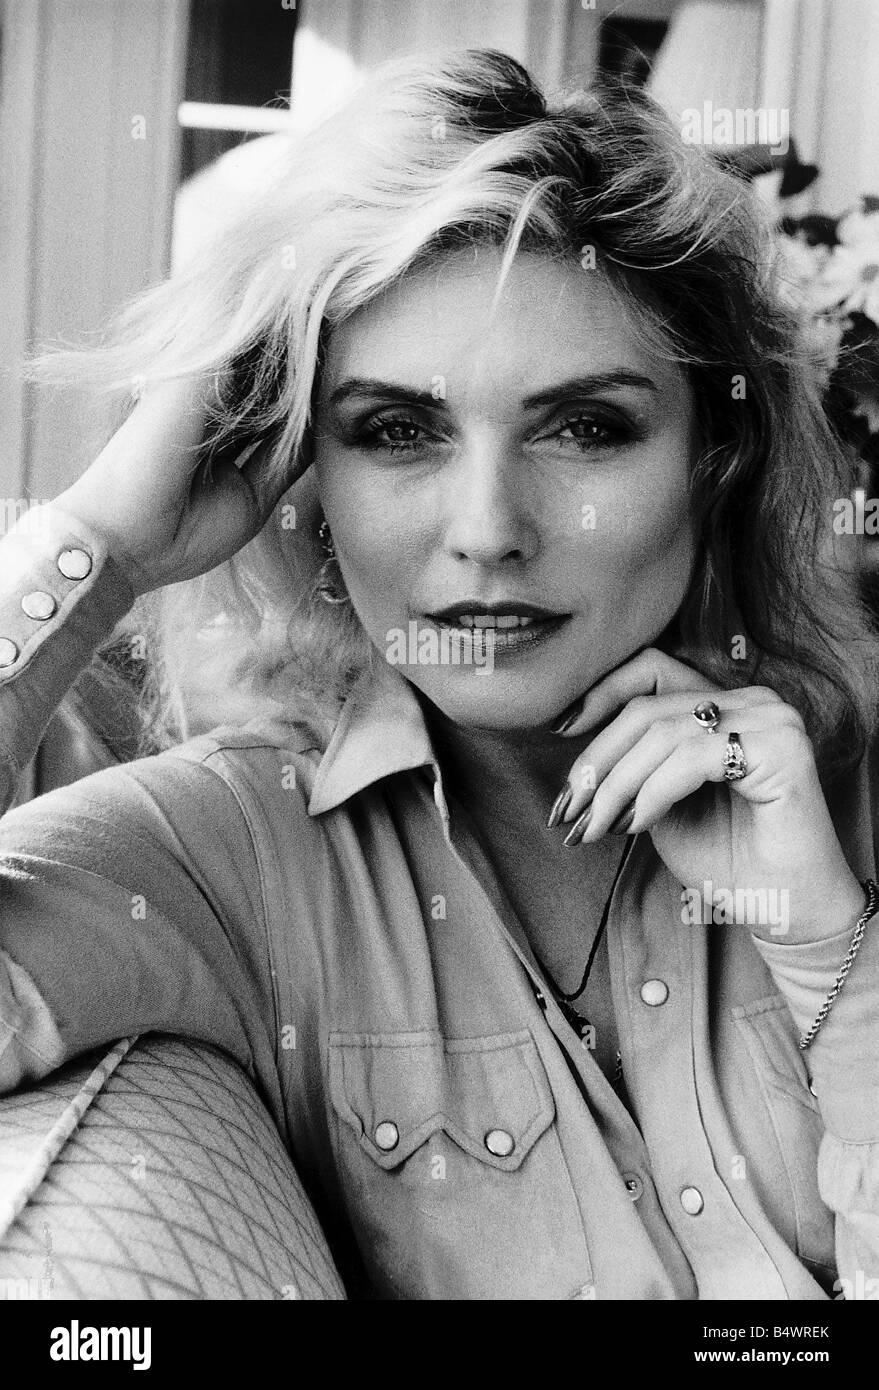 Debbie Harry Singer leader of the pop group Blondie dbase msi - Stock Image